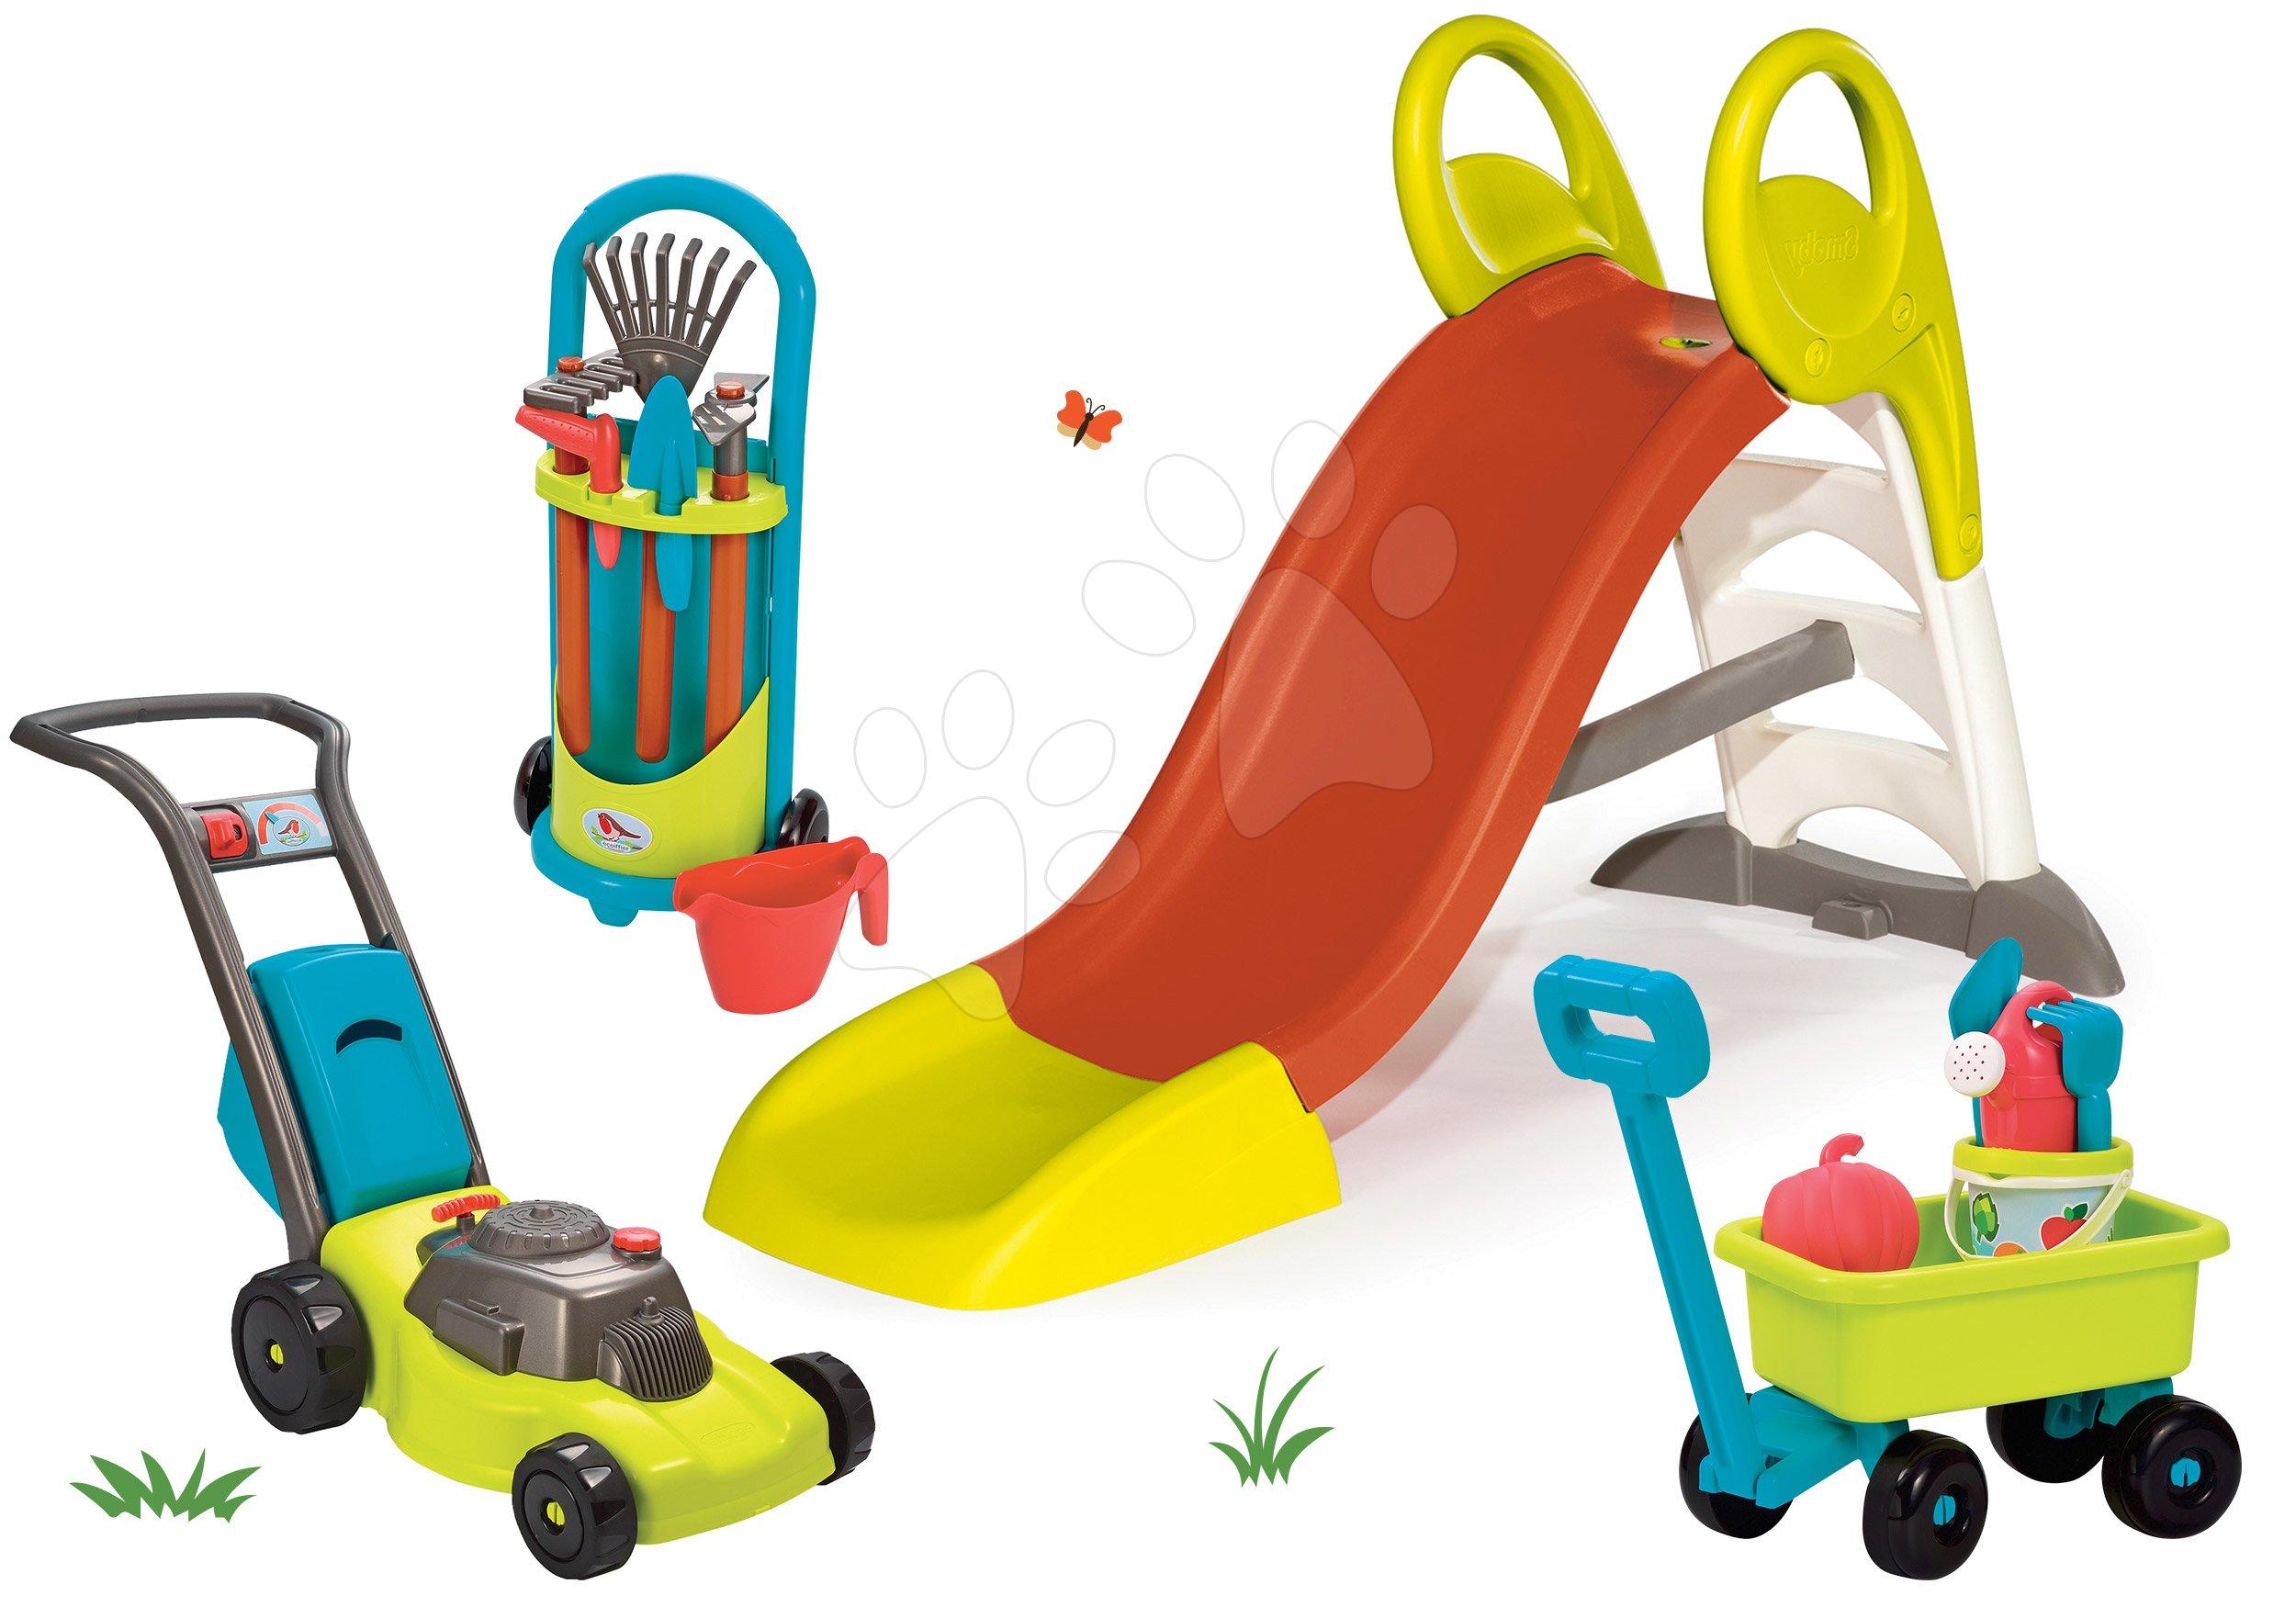 Set skluzavka Tobbogan KS Smoby s délkou 150 cm vozík na tahání s kbelík setem, sekačkou a nářadí na zahradu od 24 měsíců